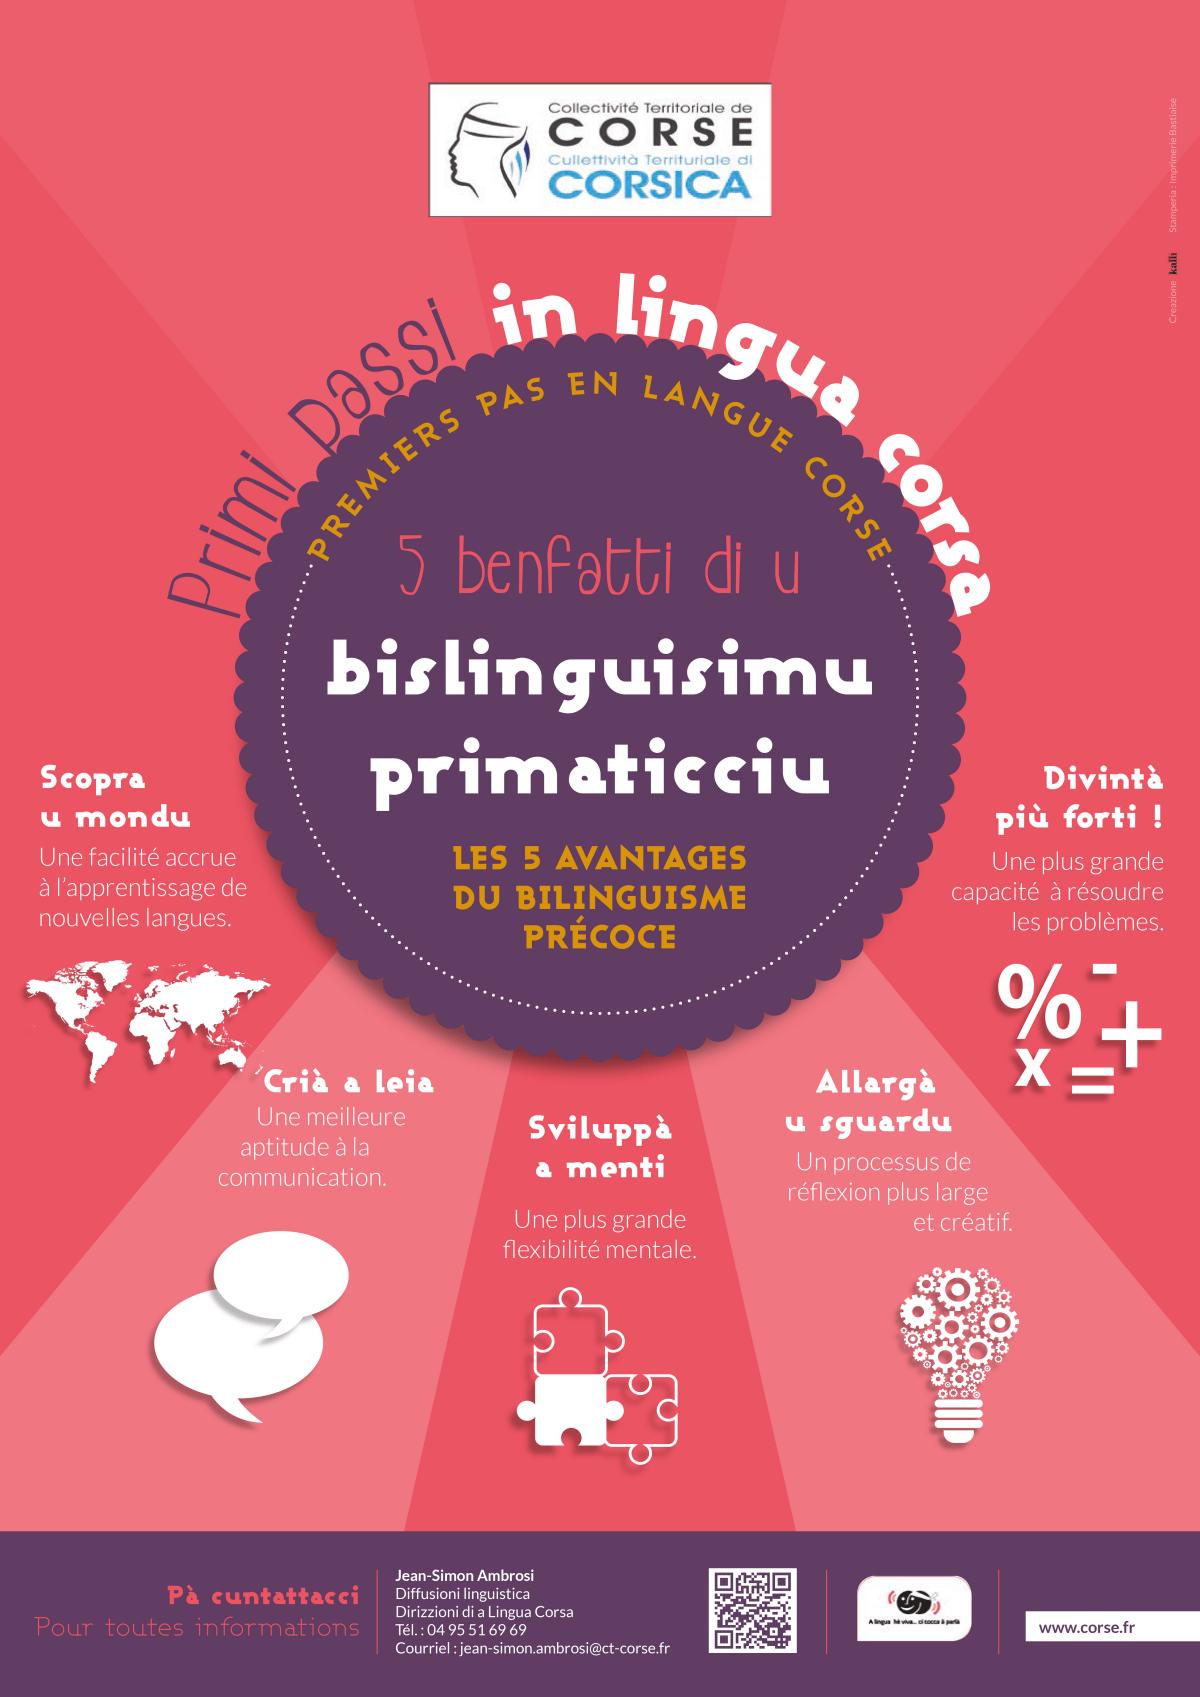 primipassiinlinguacorsa-m